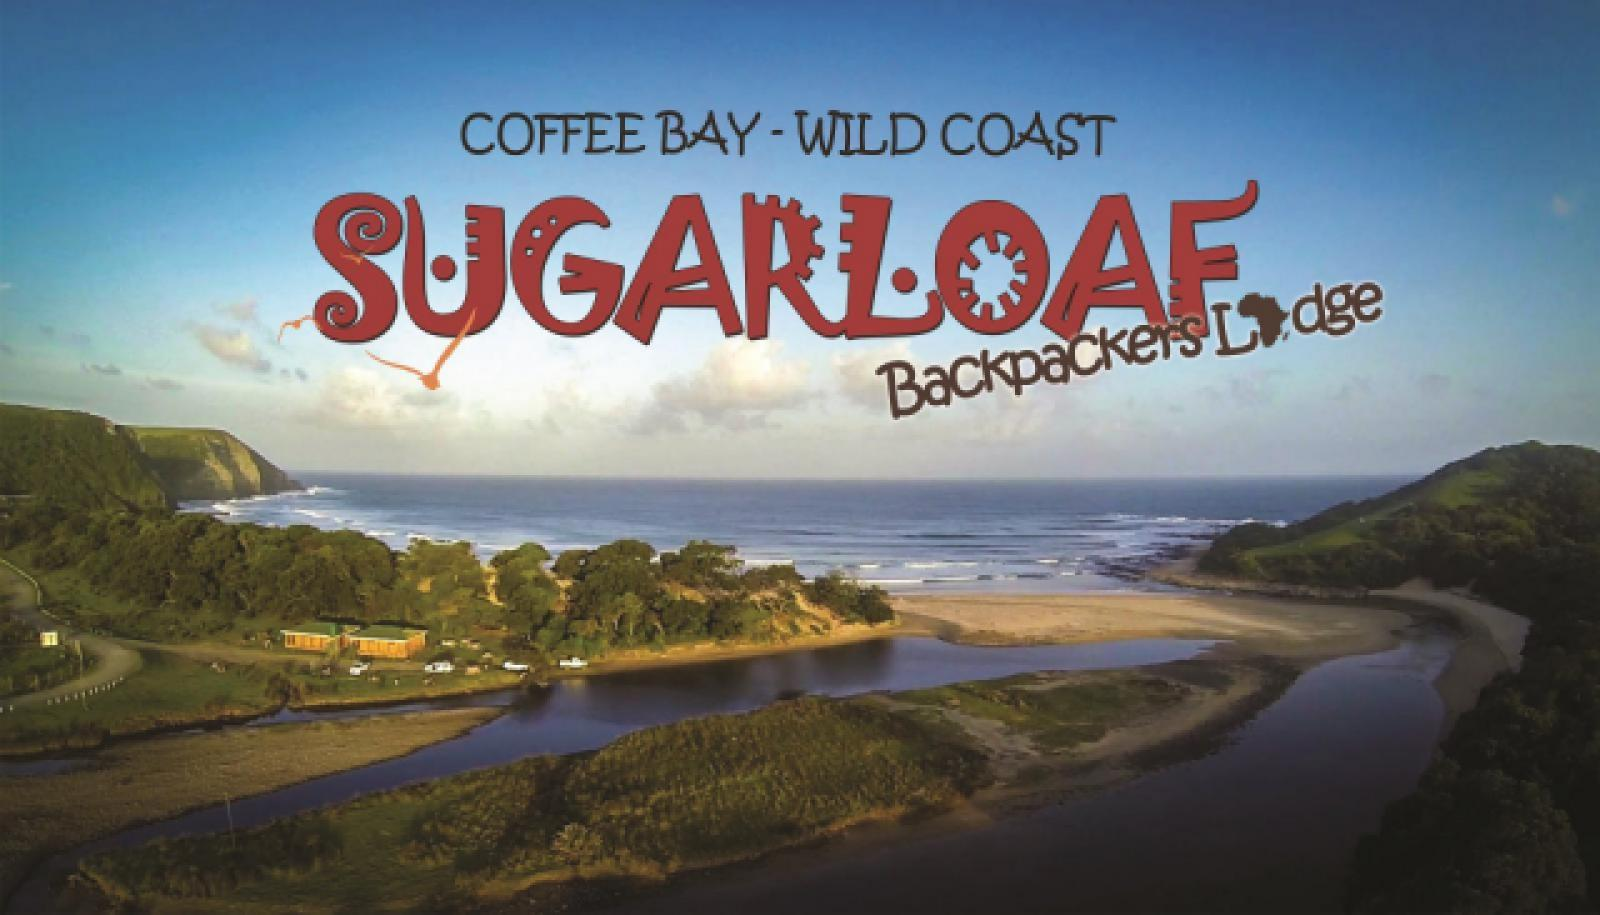 Sugarloaf Backpackers Wild Coast